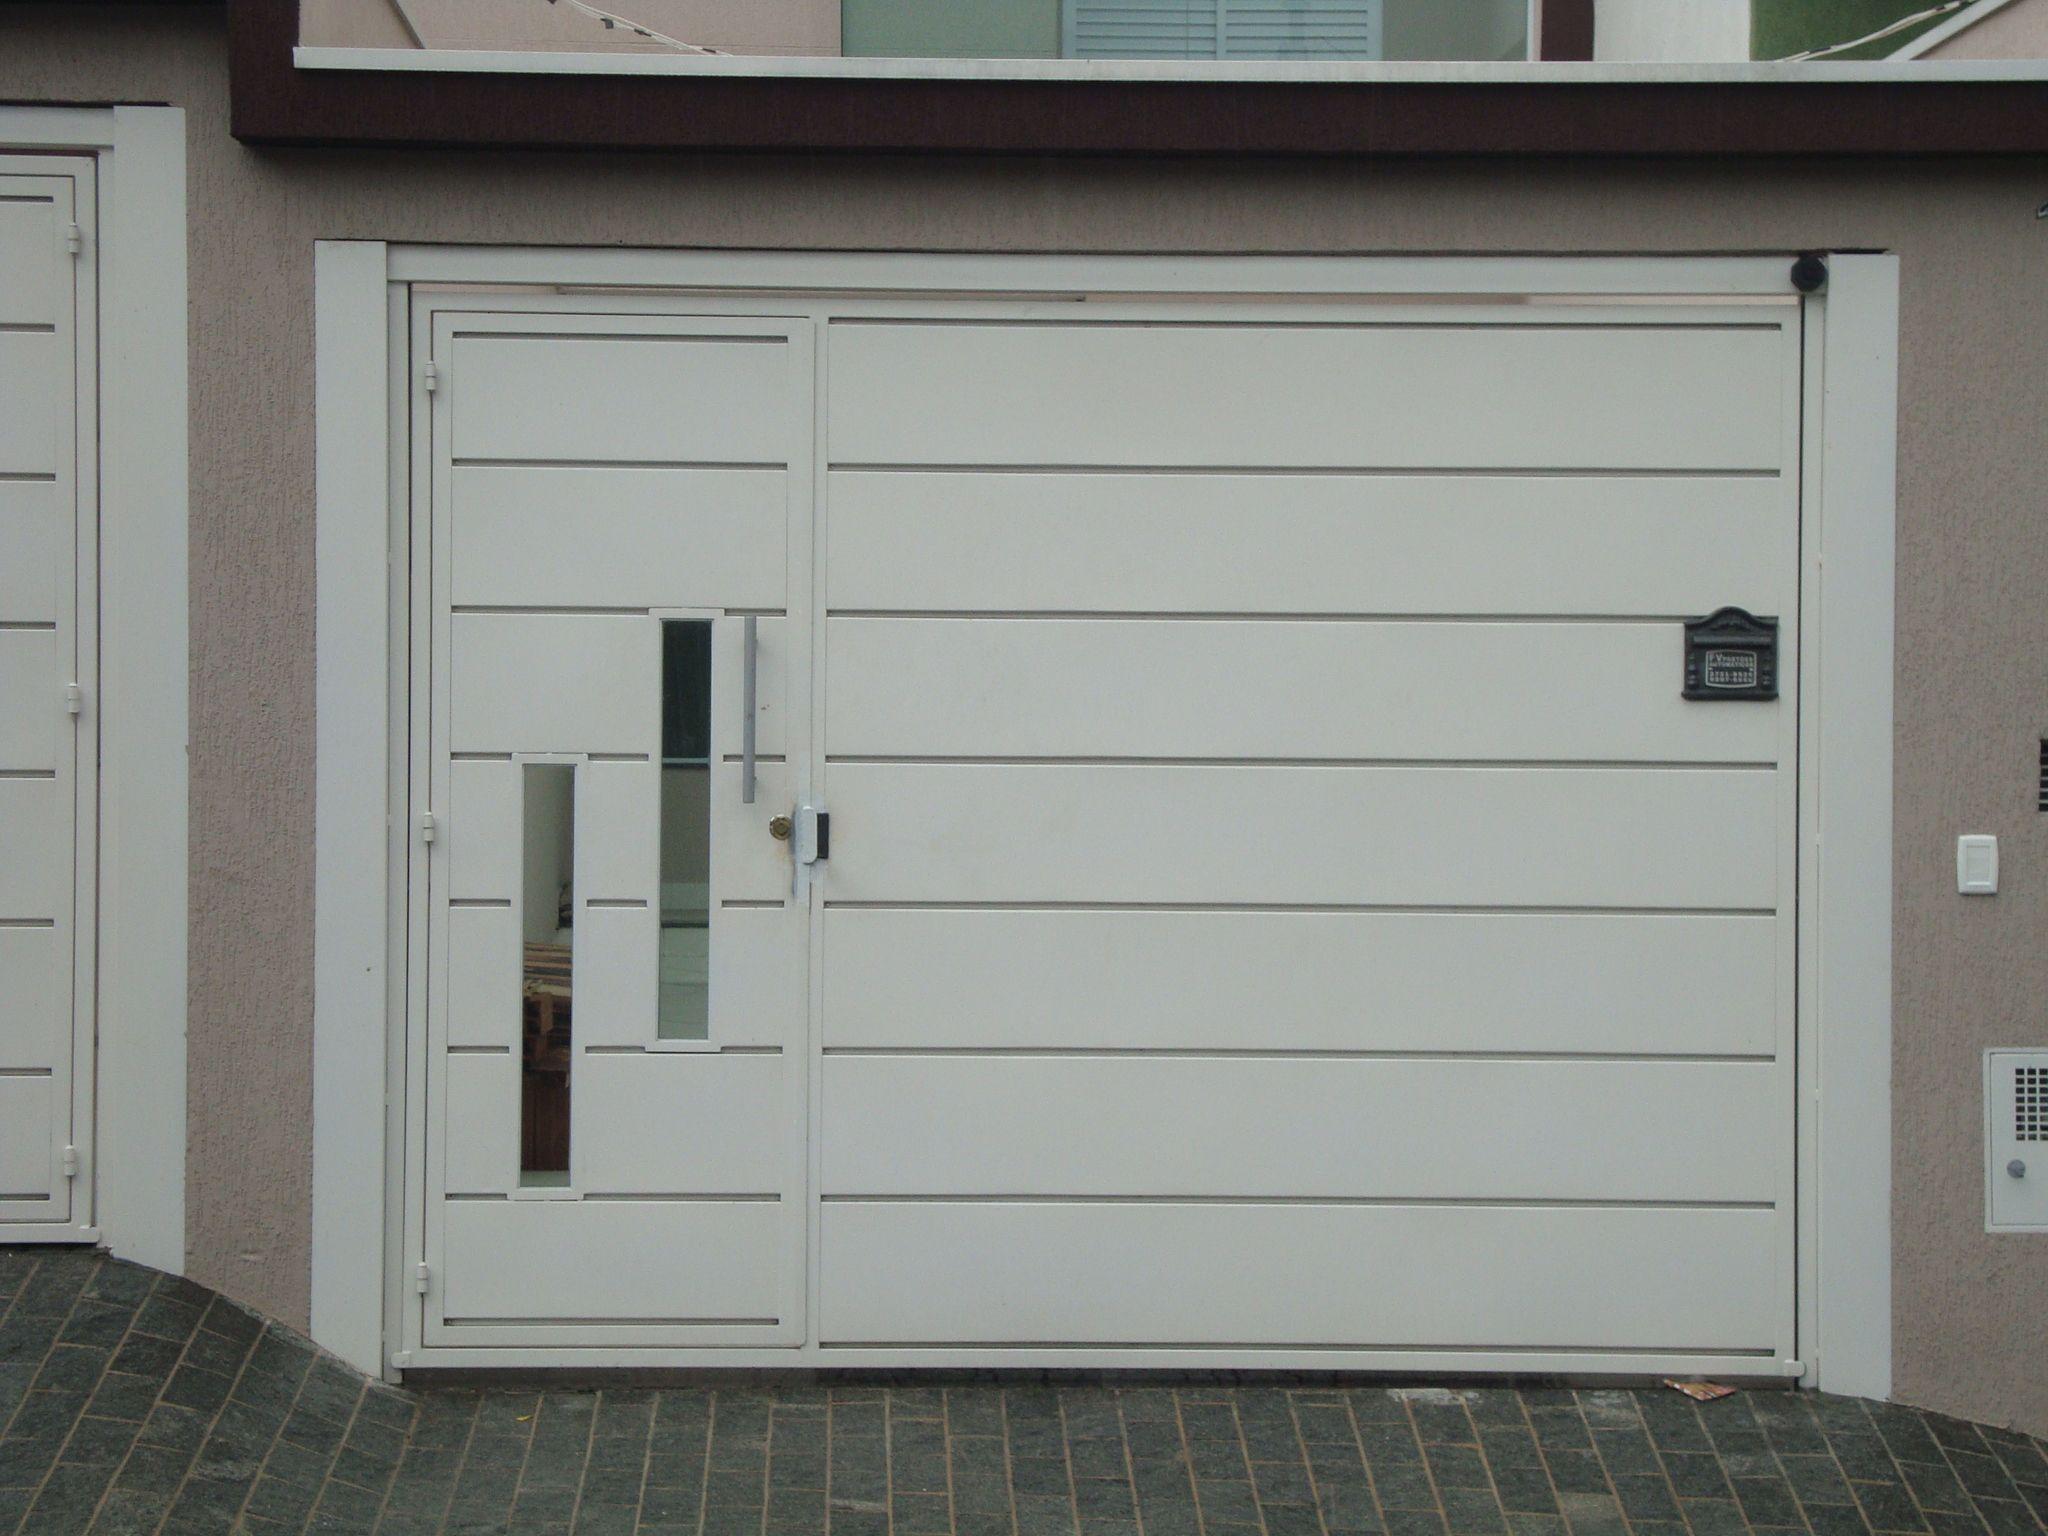 Extremamente Portões residenciais - portão pequeno embutido no portão  GK52